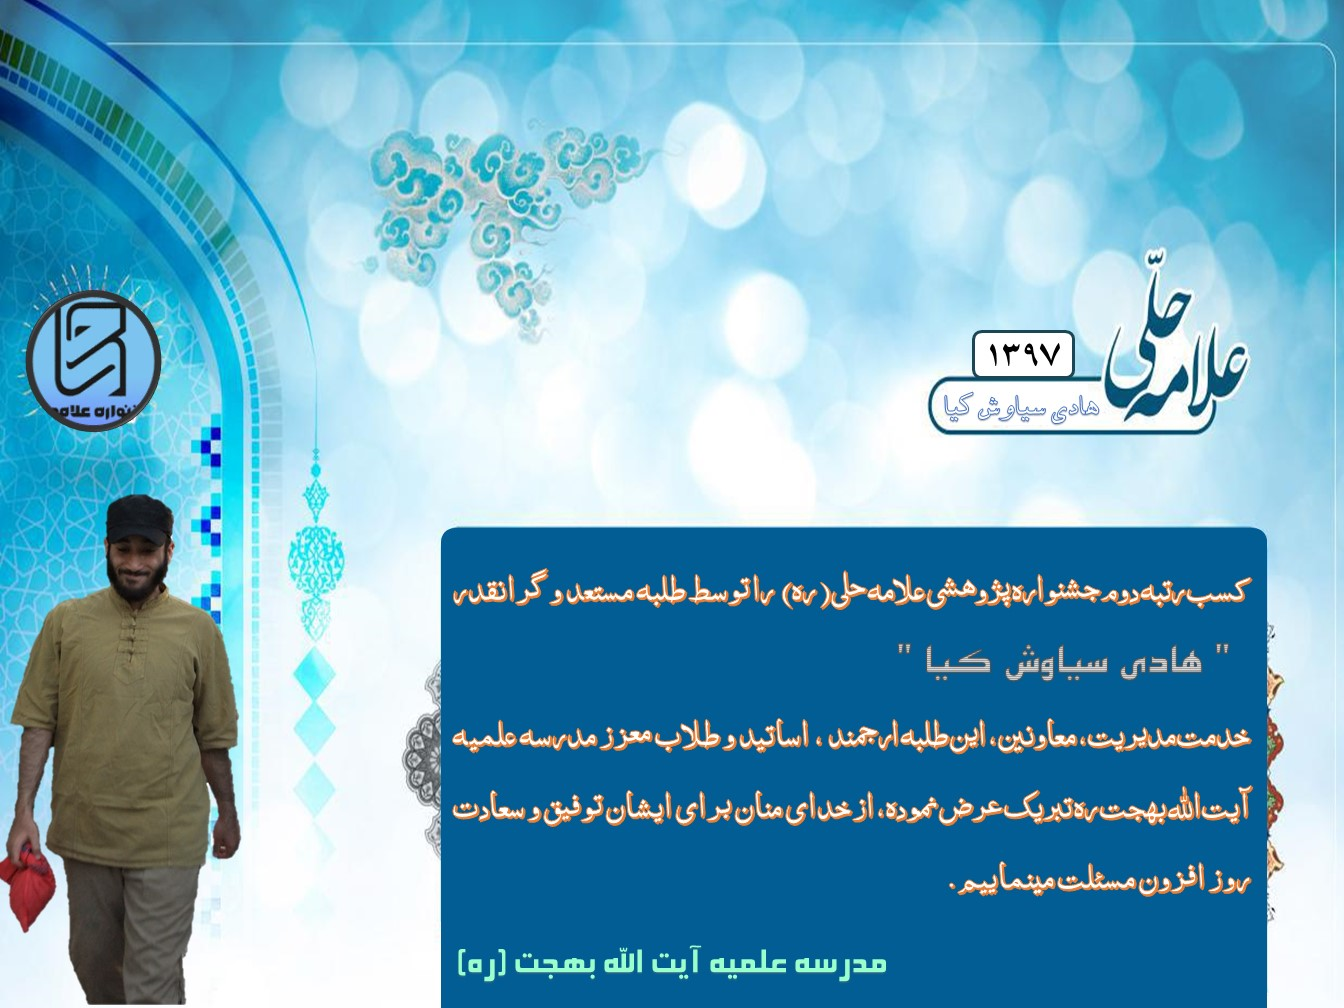 کسب رتبه دومی جشنواره علامه حلی